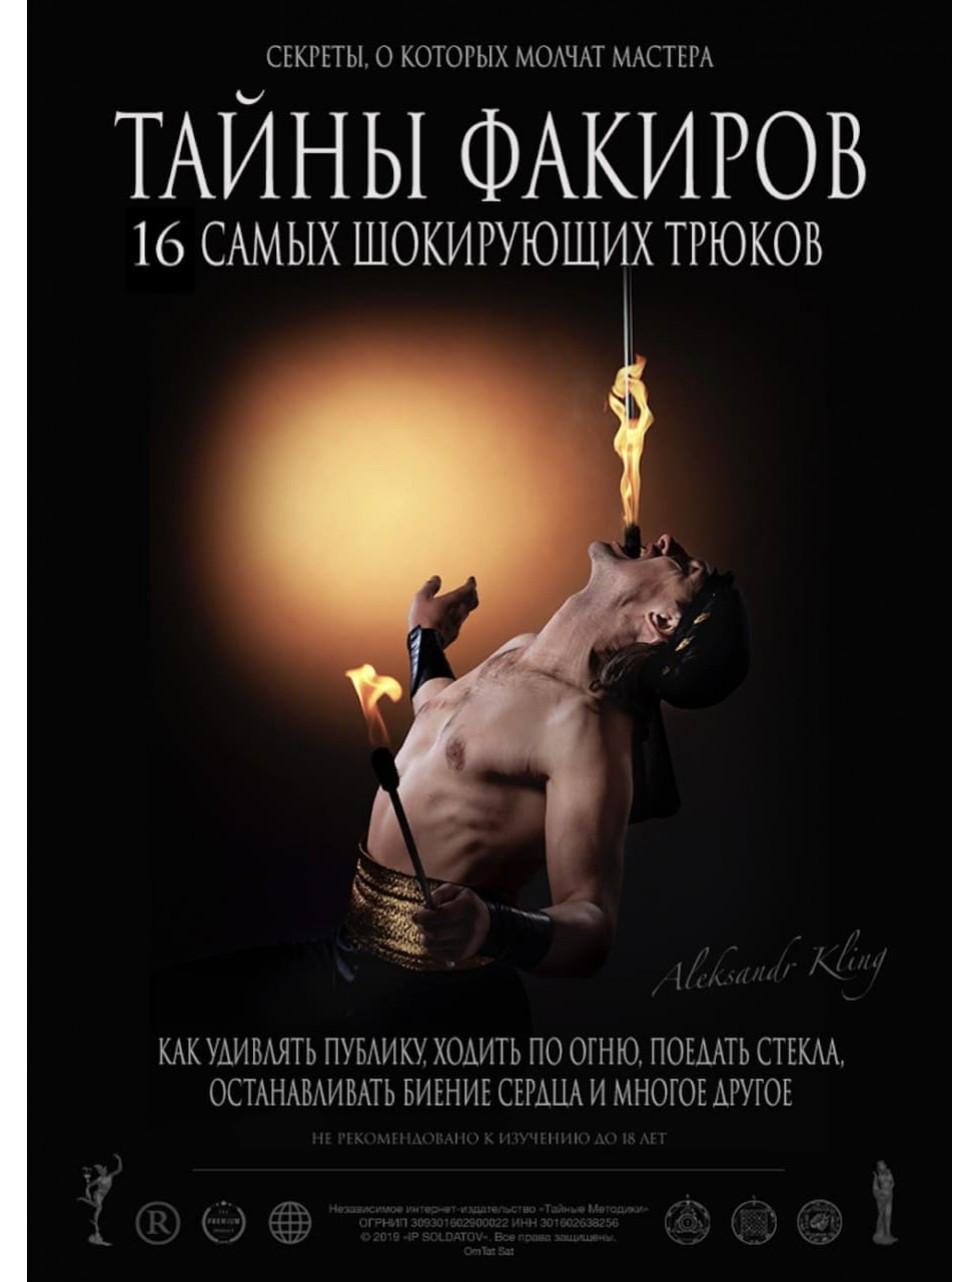 ТАЙНЫ ФАКИРОВ - 16 ШОКИРУЮЩИХ ТРЮКОВ